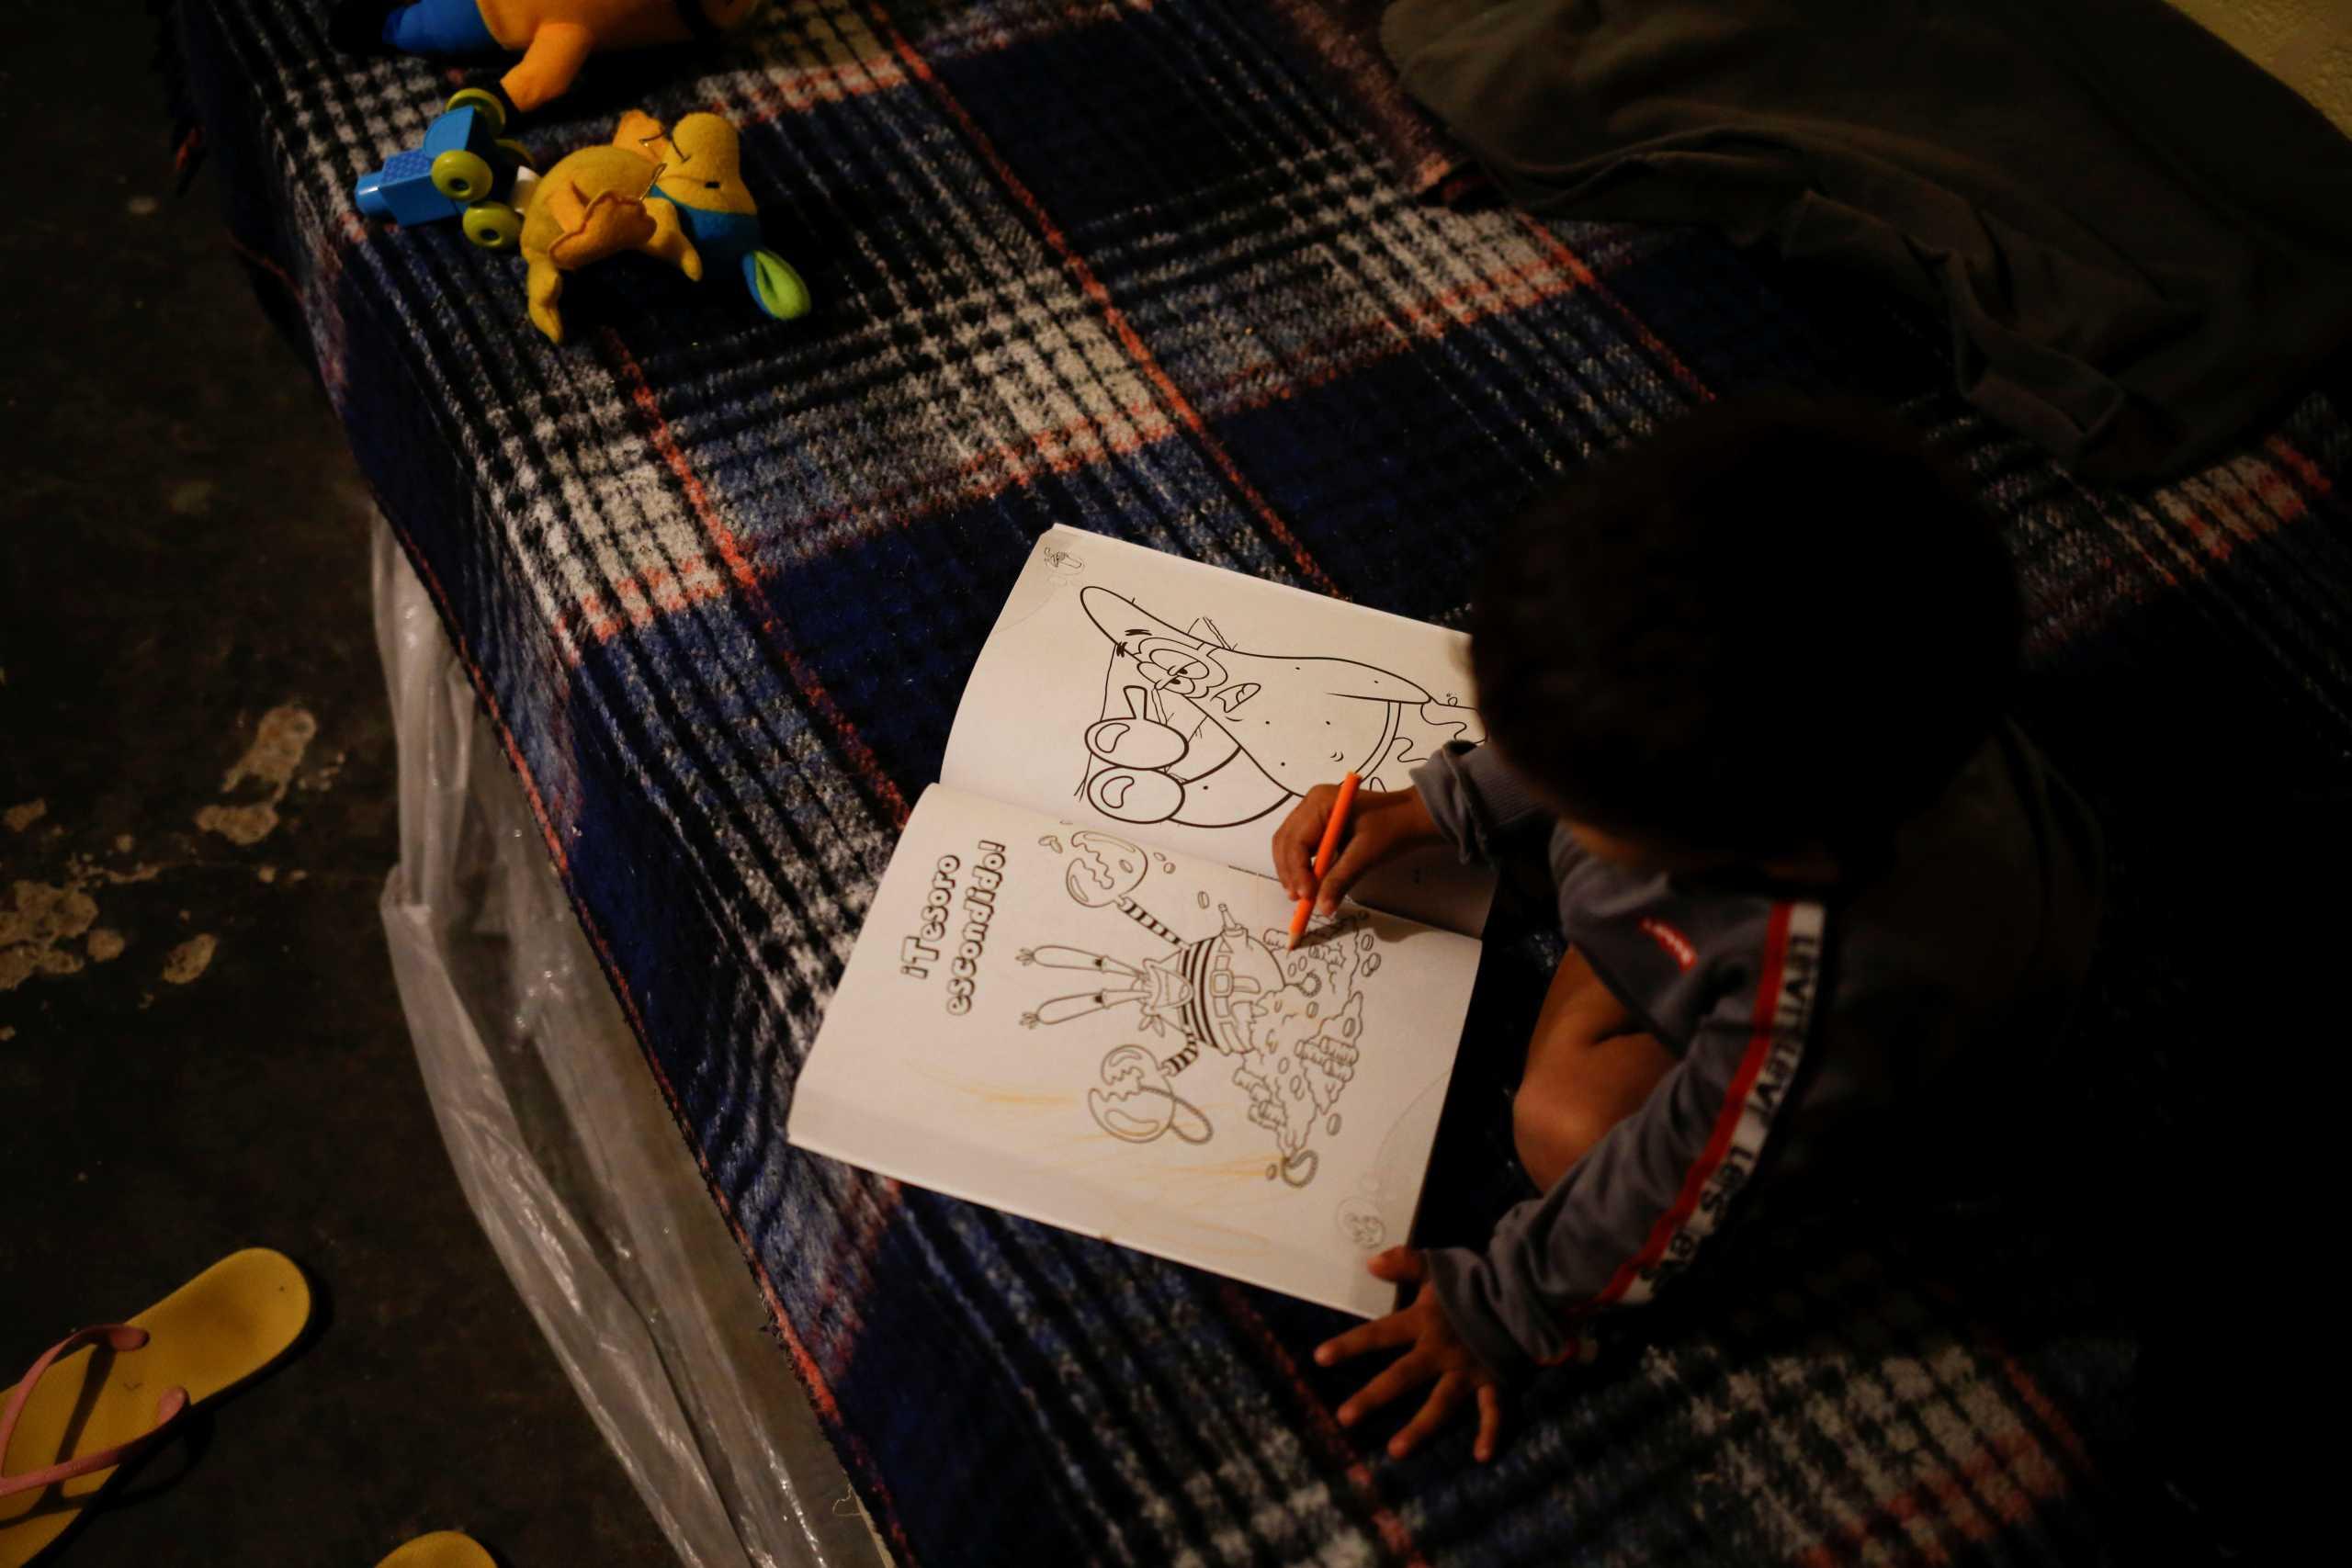 Έκρυβε κοκαΐνη… στα παραμύθια του 3χρονου παιδιού της